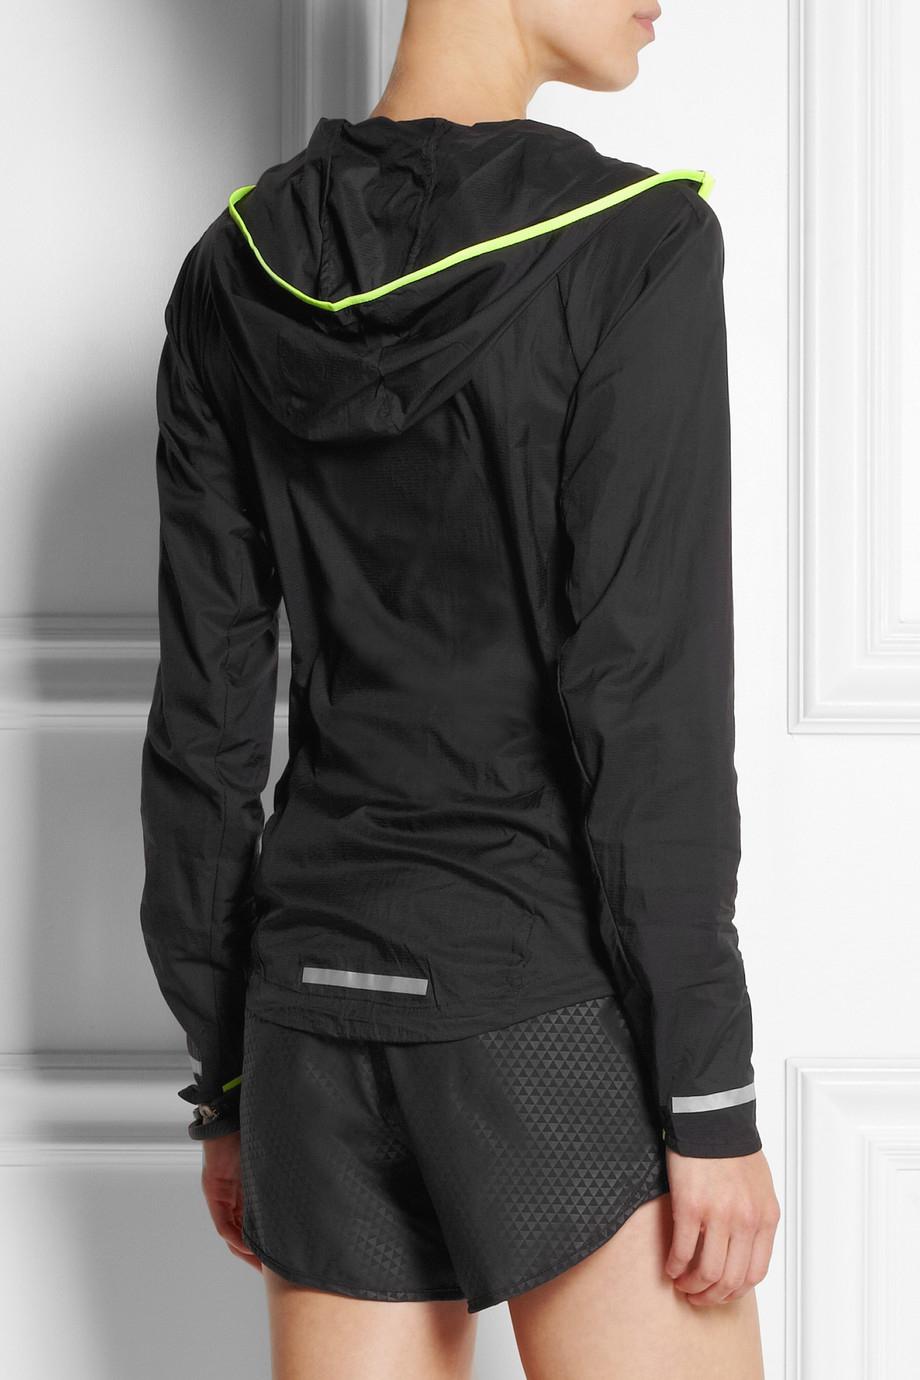 cb8f6021ecd4 Lyst - Nike Impossibly Light Shell Running Jacket in Black